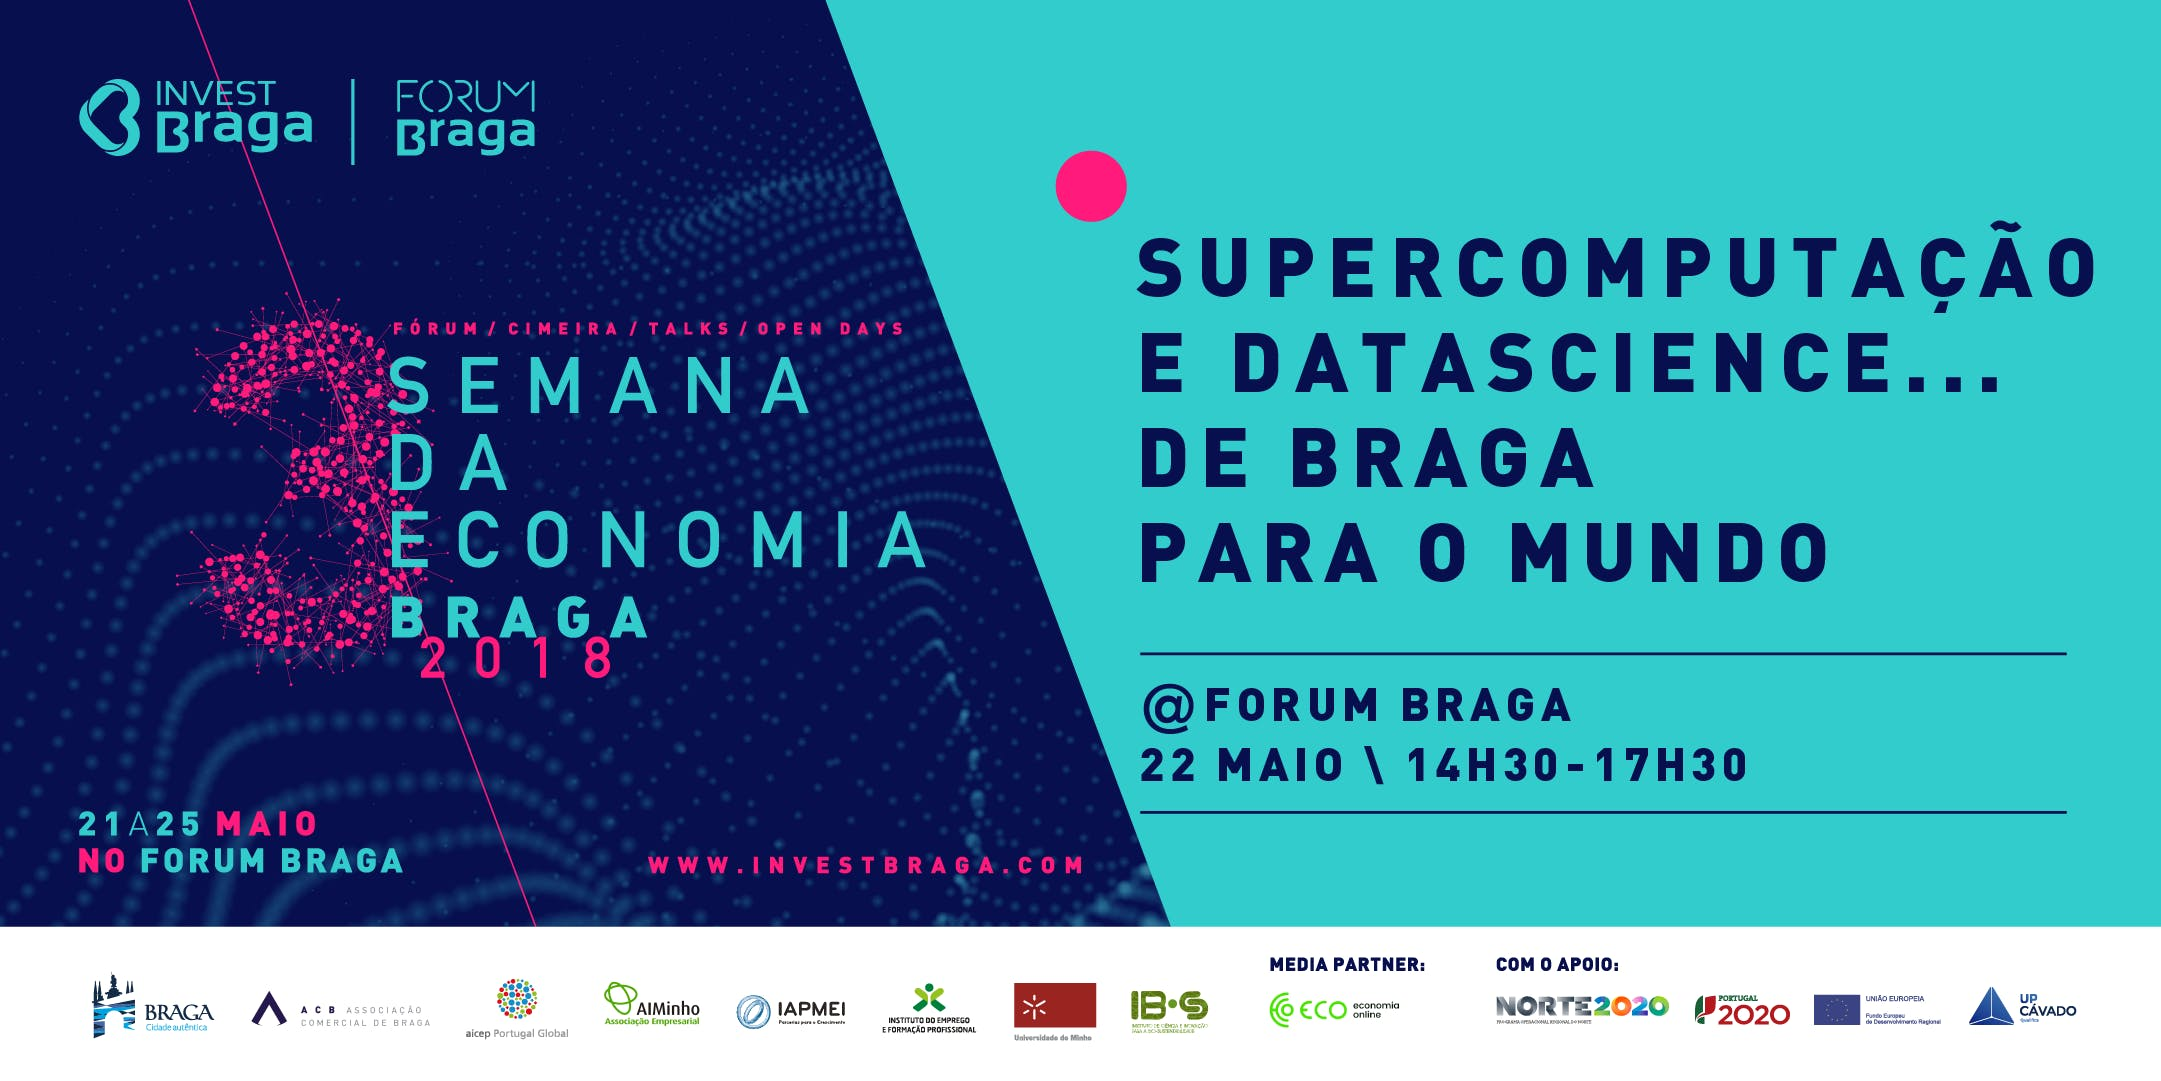 Supercomputação e Data Science...De Braga par